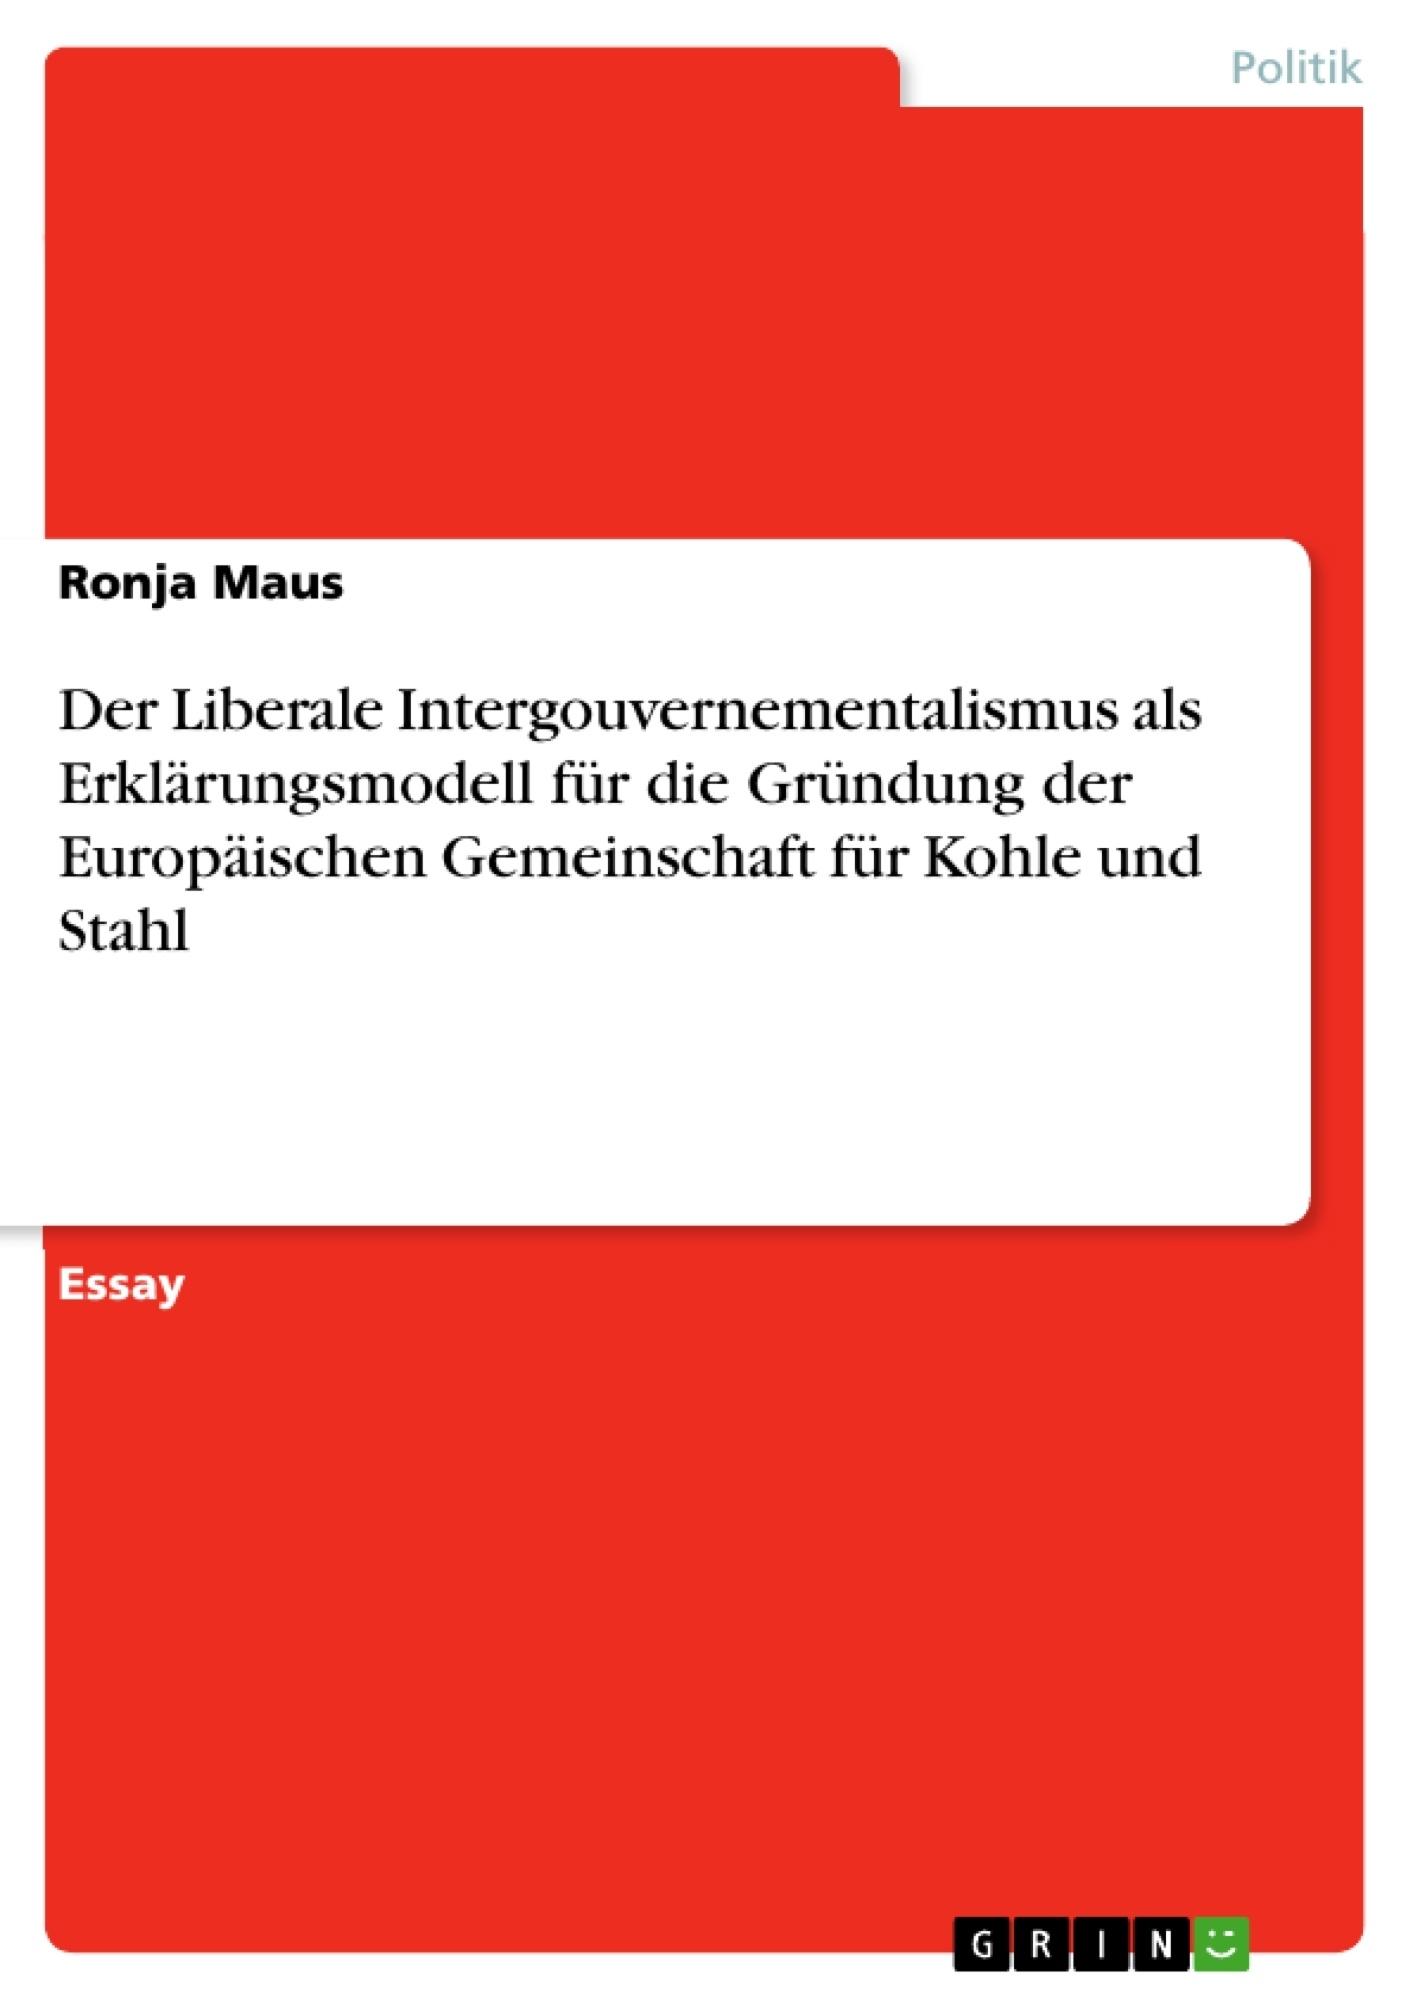 Titel: Der Liberale Intergouvernementalismus als Erklärungsmodell für die Gründung der Europäischen Gemeinschaft für Kohle und Stahl